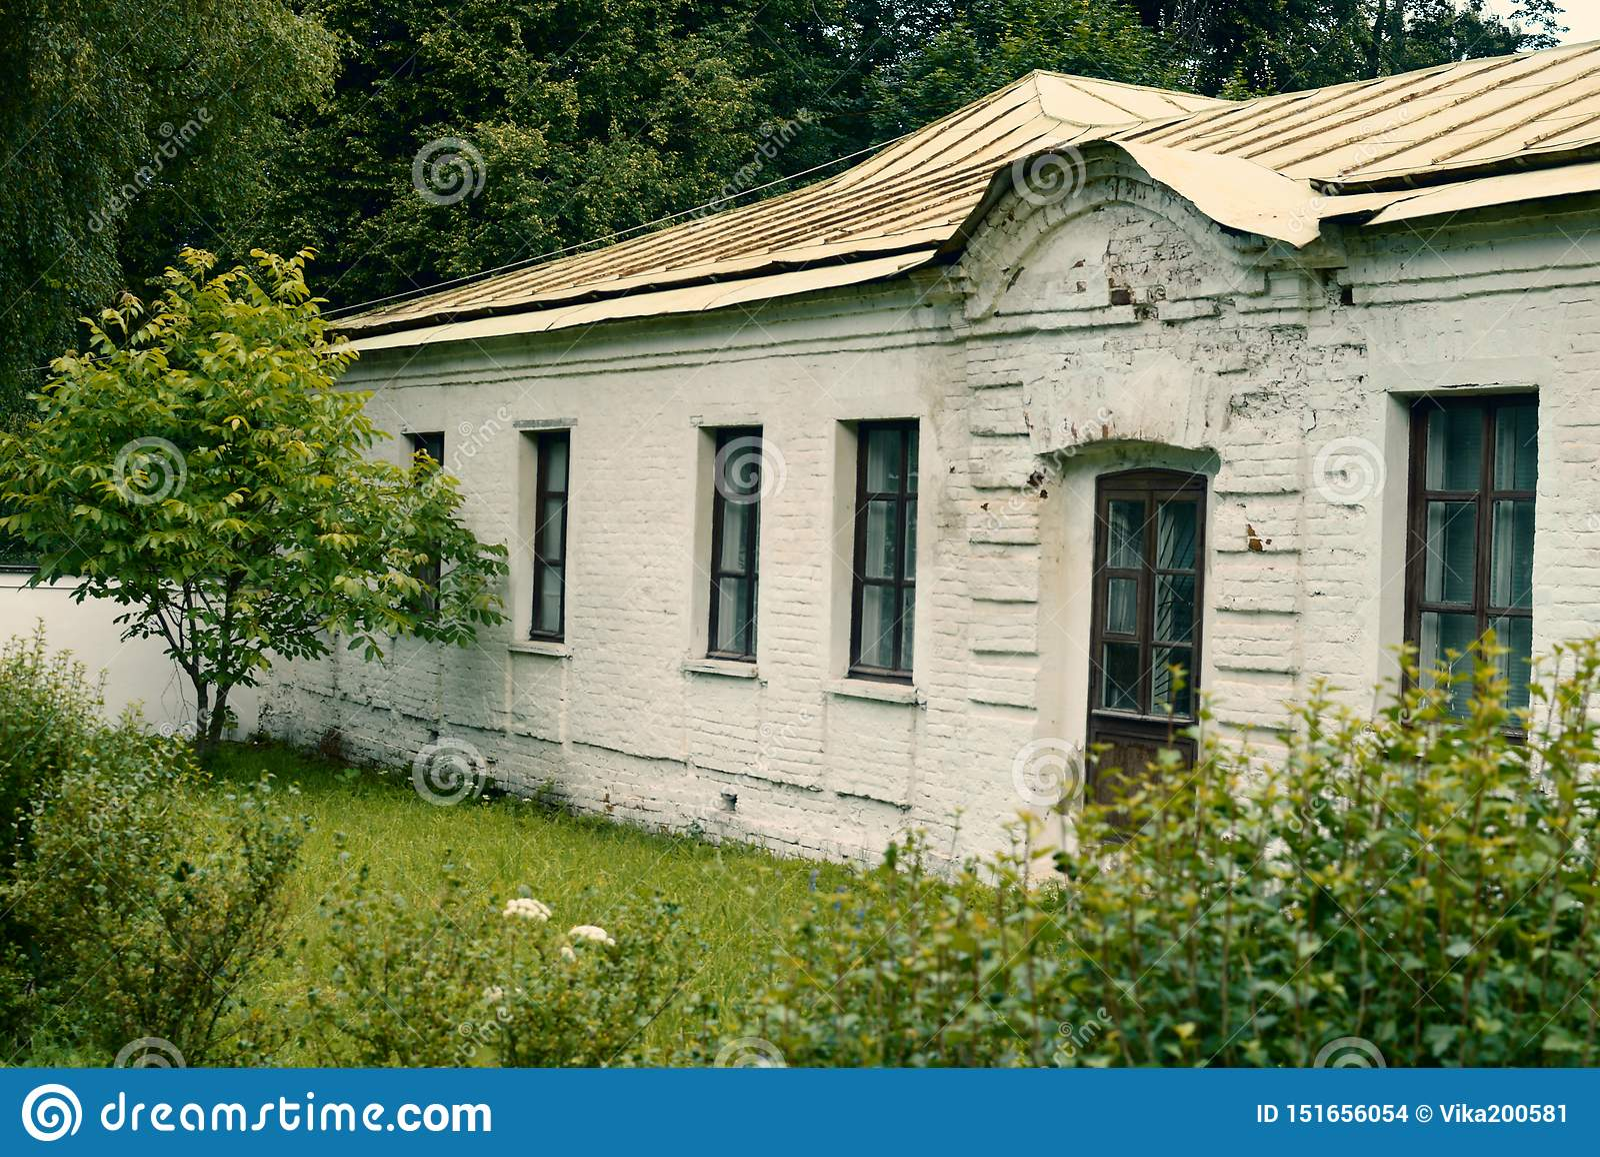 Das alte weiße einstöckige historische Gebäude